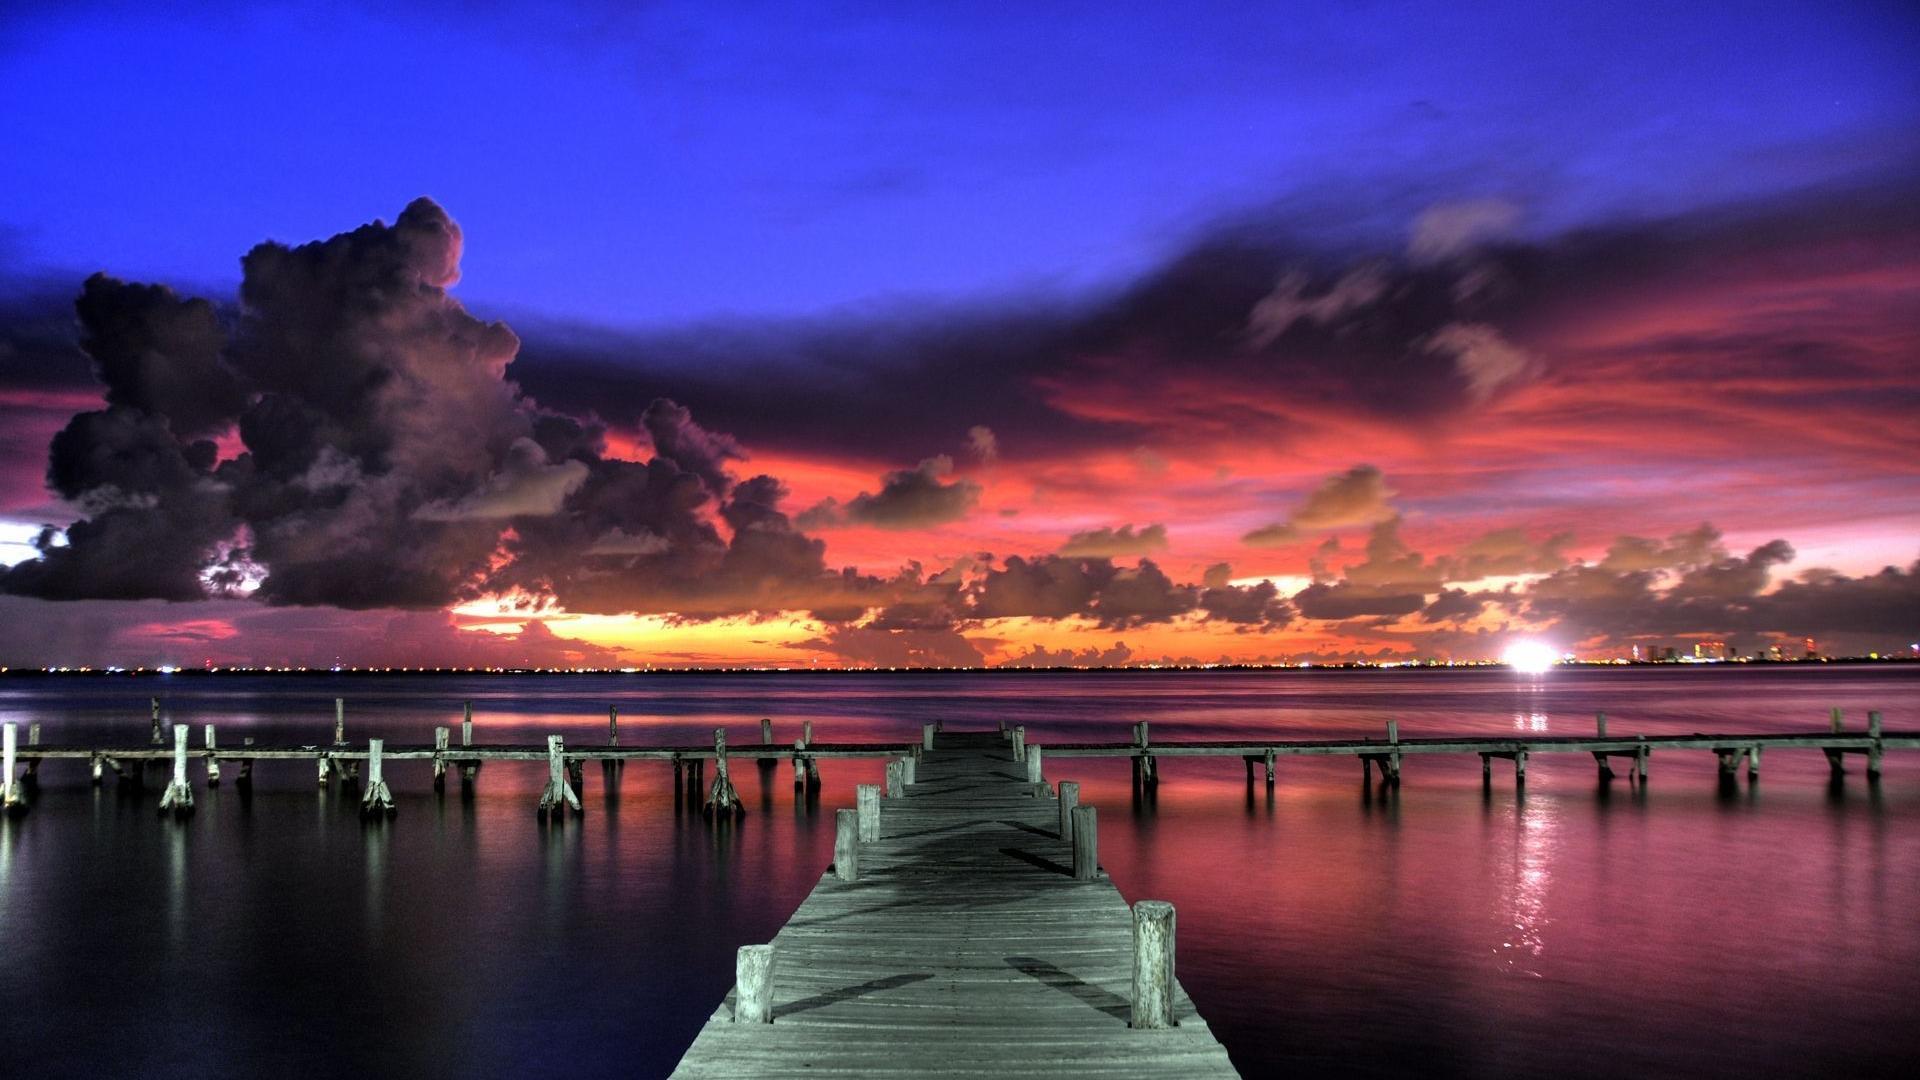 calm-summer-sunset-wallpapers-61087-464432.jpg